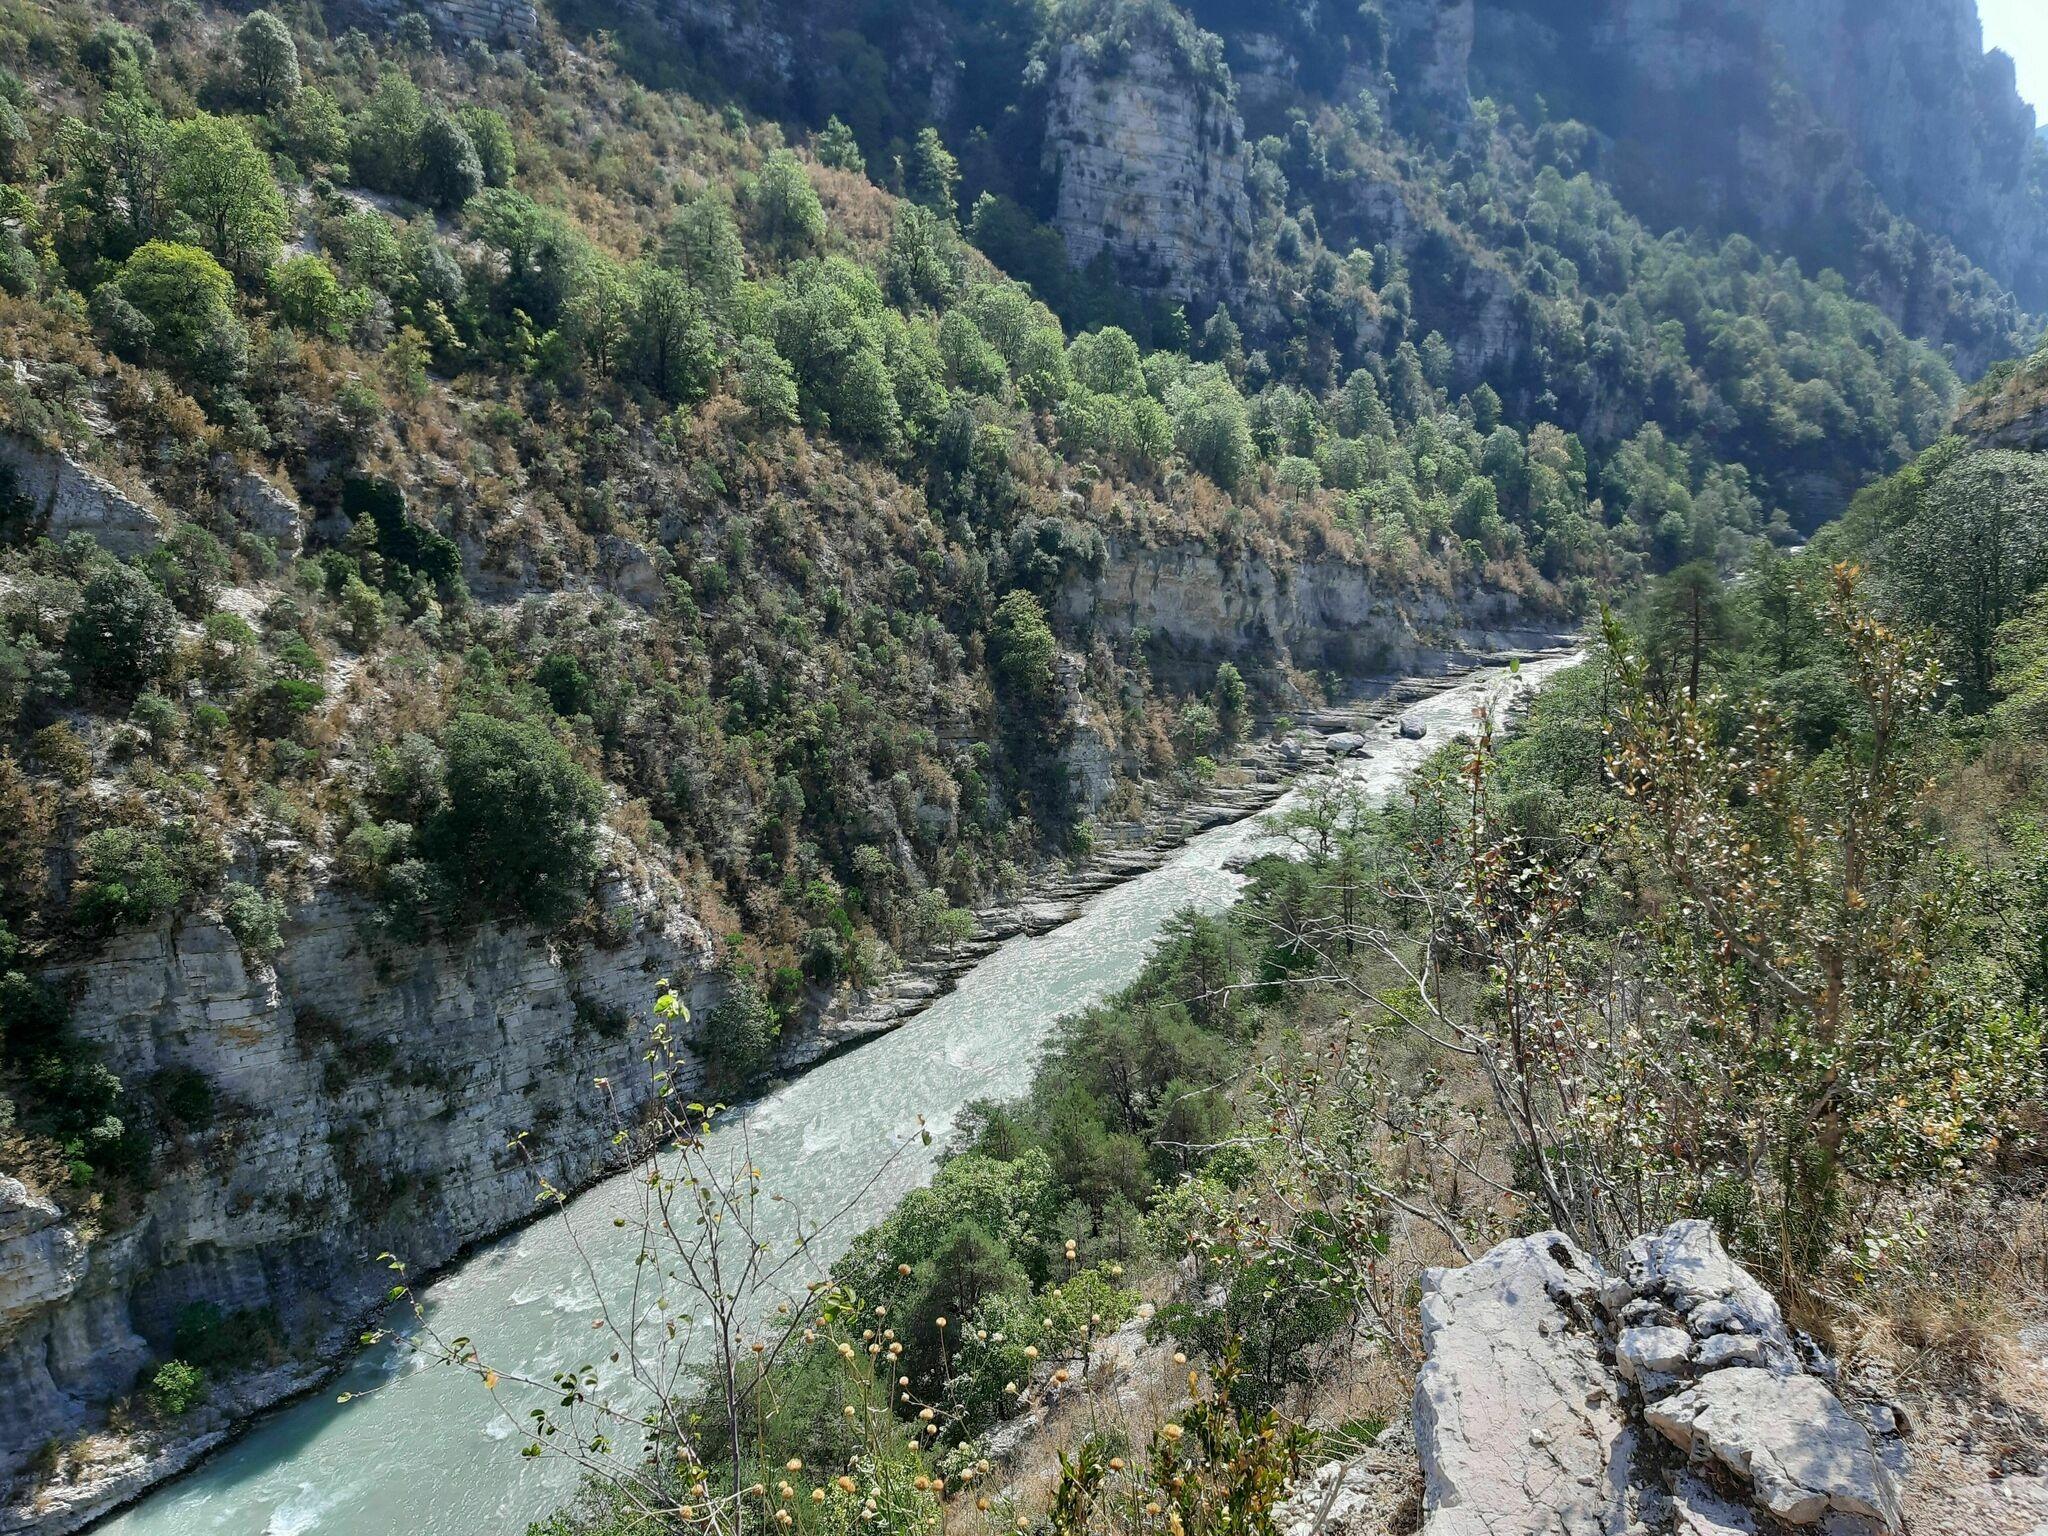 Randonnée Gorges du Verdon : Le sentier Blanc Martel